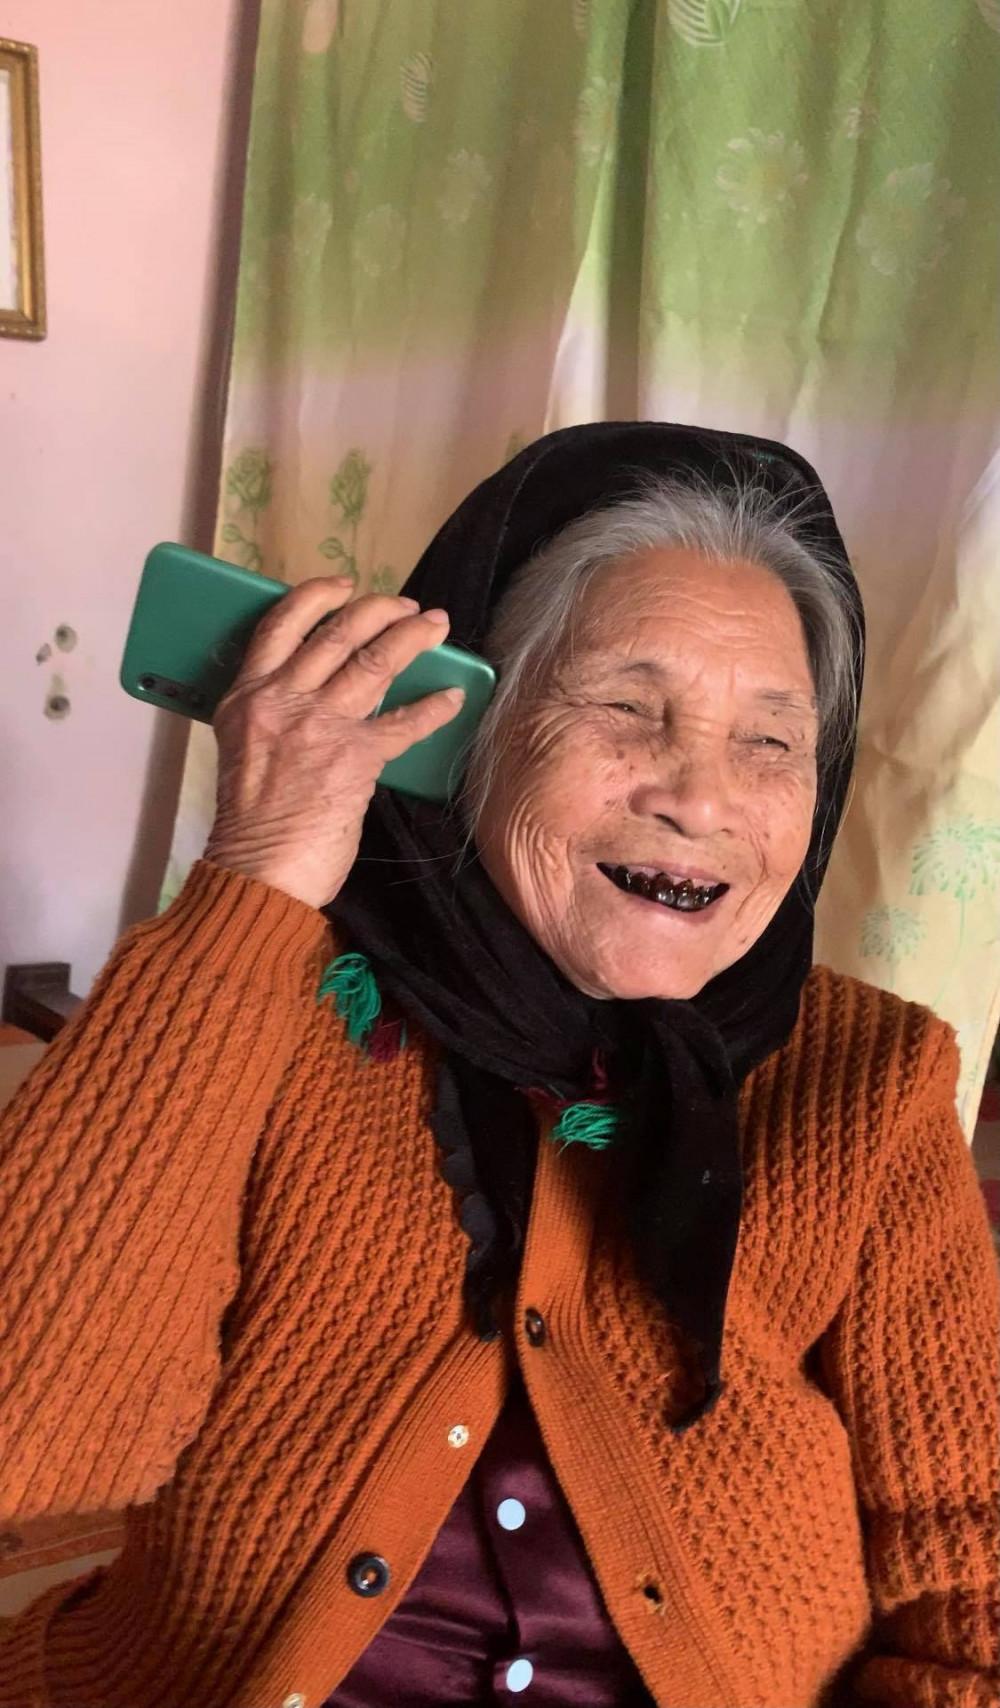 Niềm vui của bà là mỗi ngày được gọi điện và trò chuyện với con, cháu.